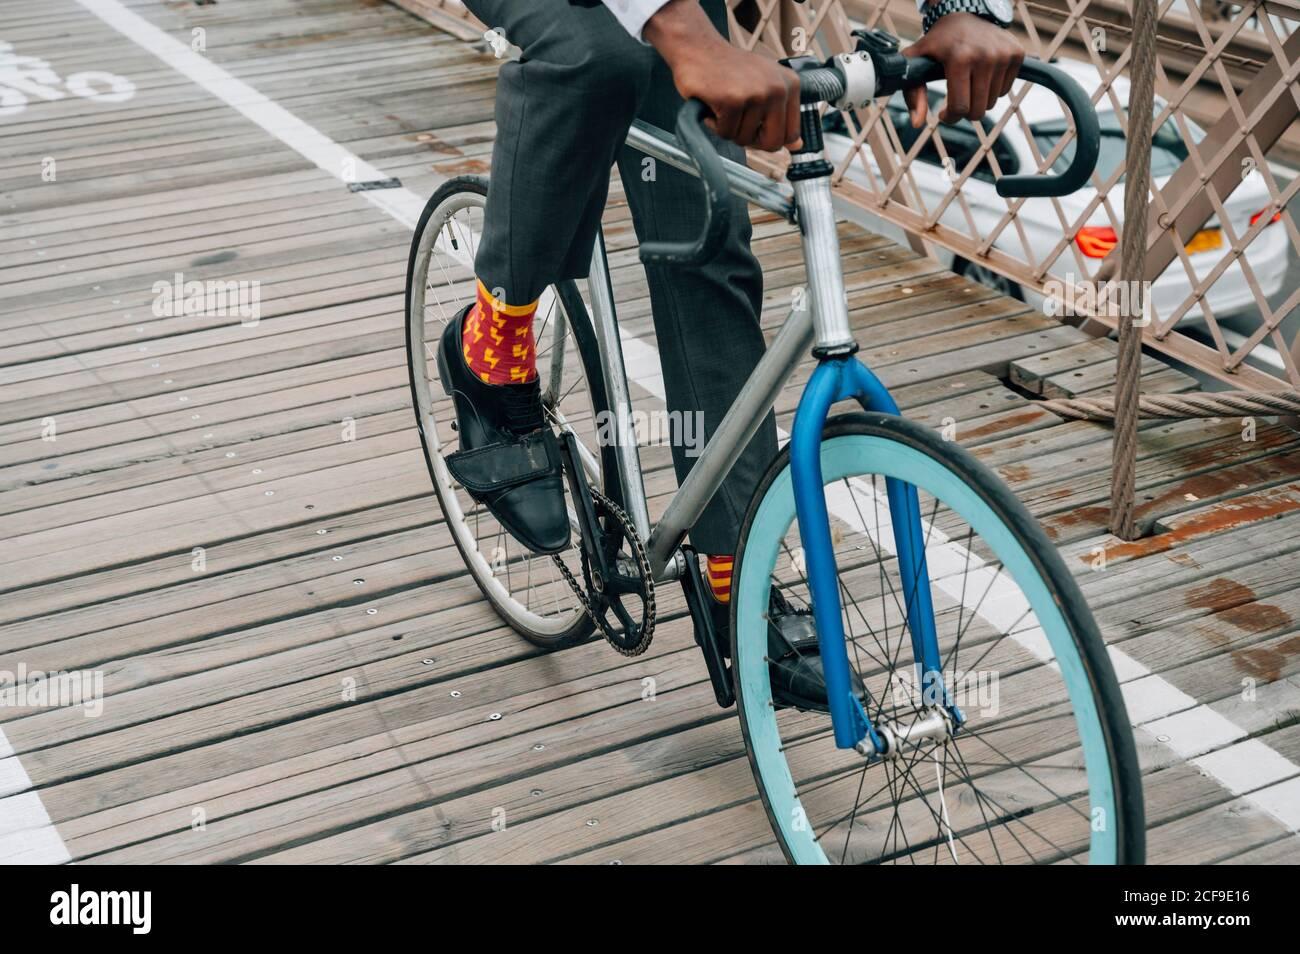 Recortada anónimo bien vestido hombre de negocios ciclista en montar en bicicleta Camino de madera entre la estructura de metal rojo con en Nueva York ciudad Foto de stock